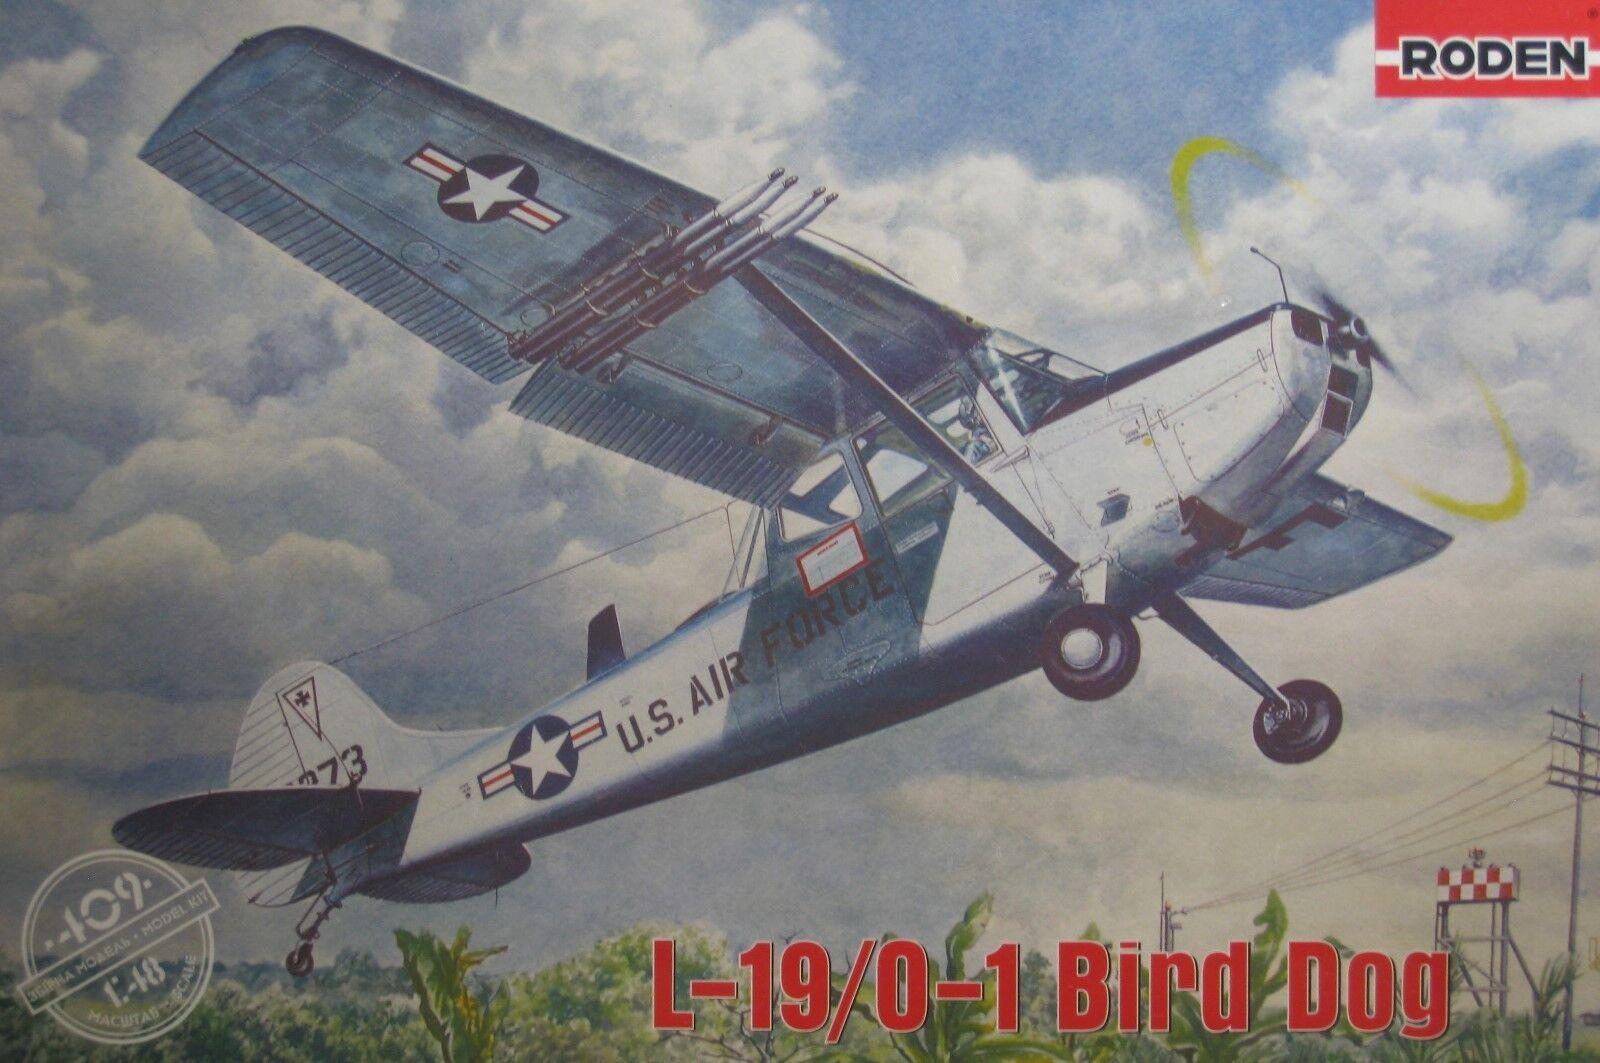 1  48 Cessna L -19   O -1 Bird Dog modelllllerler Kit av Roden